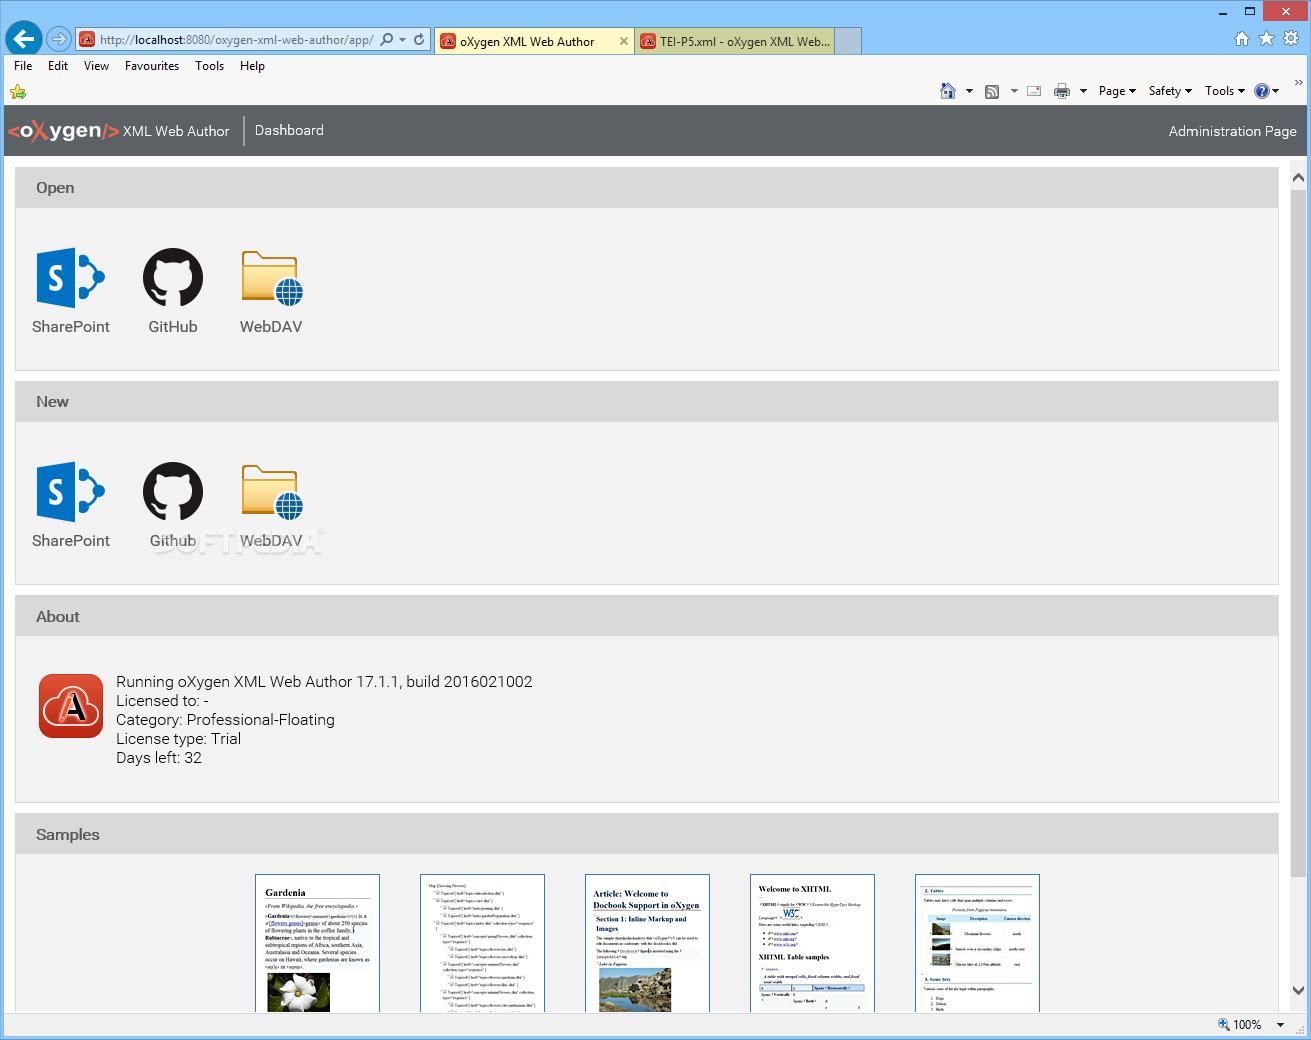 Download oXygen XML Web Author 21 1 Build 2019071905